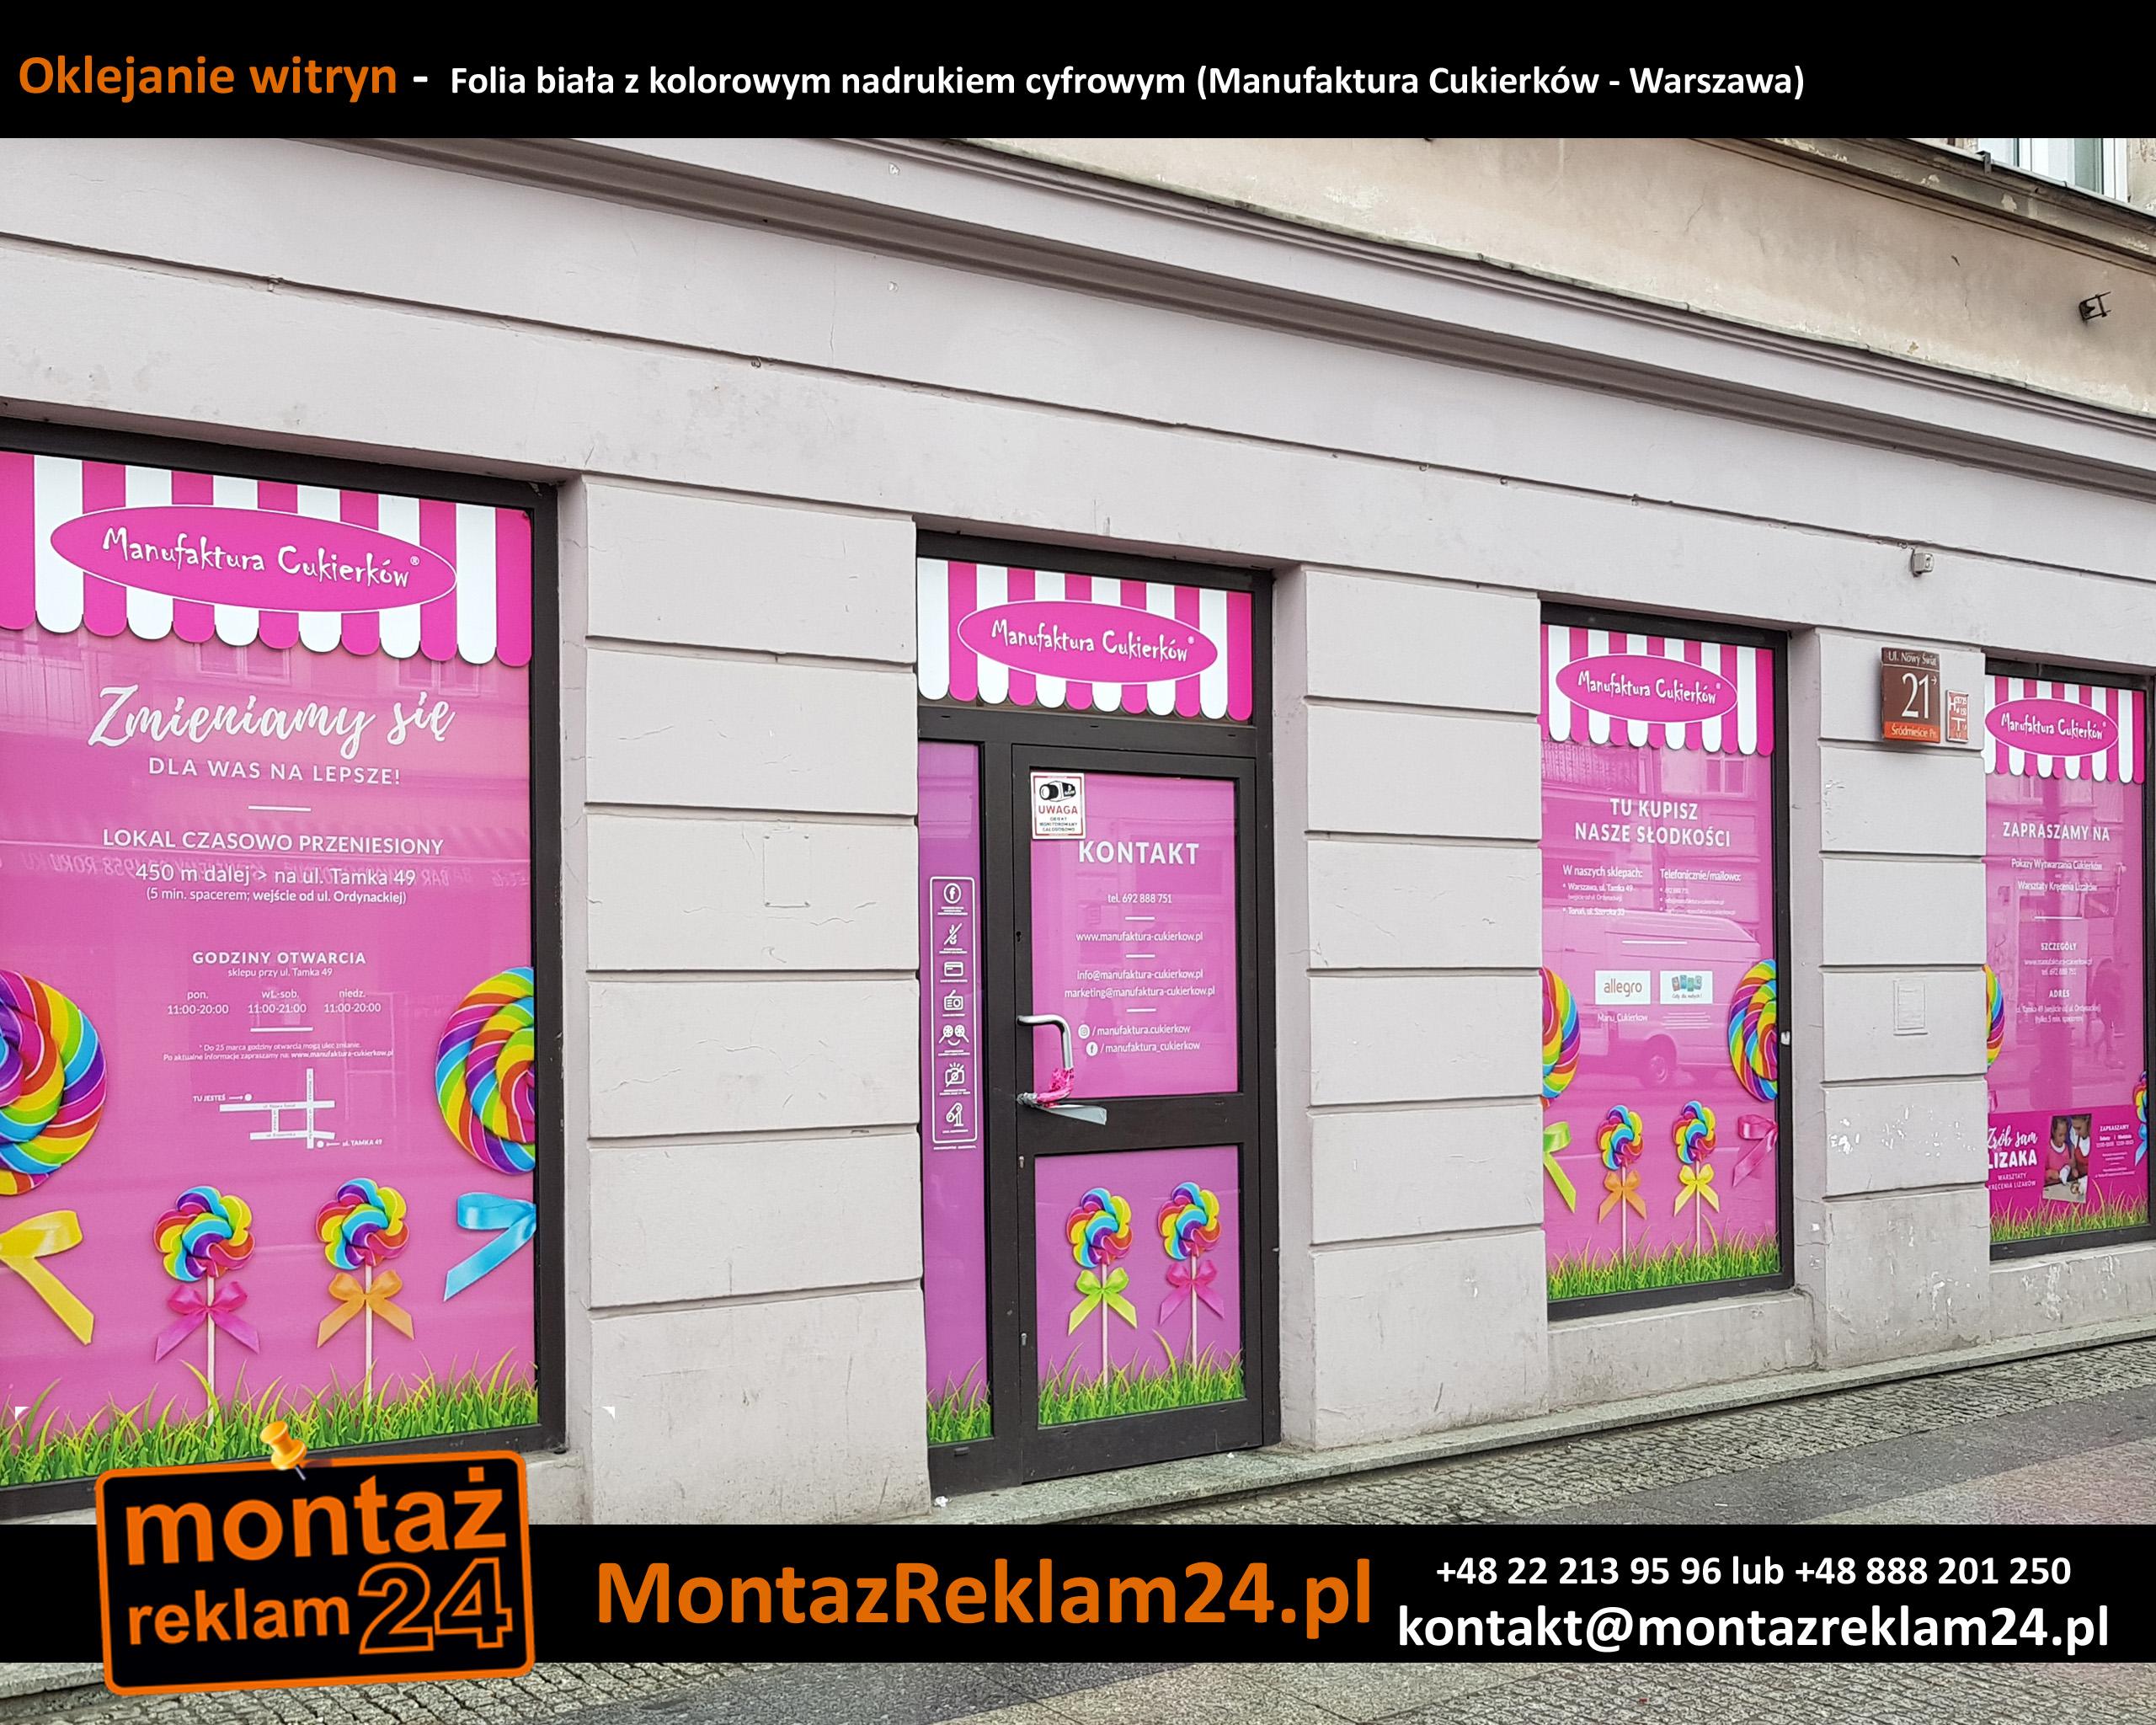 Oklejanie witryn -  Folia biała z kolorowym nadrukiem cyfrowym (Manufaktura Cukierków - Warszawa).jpg